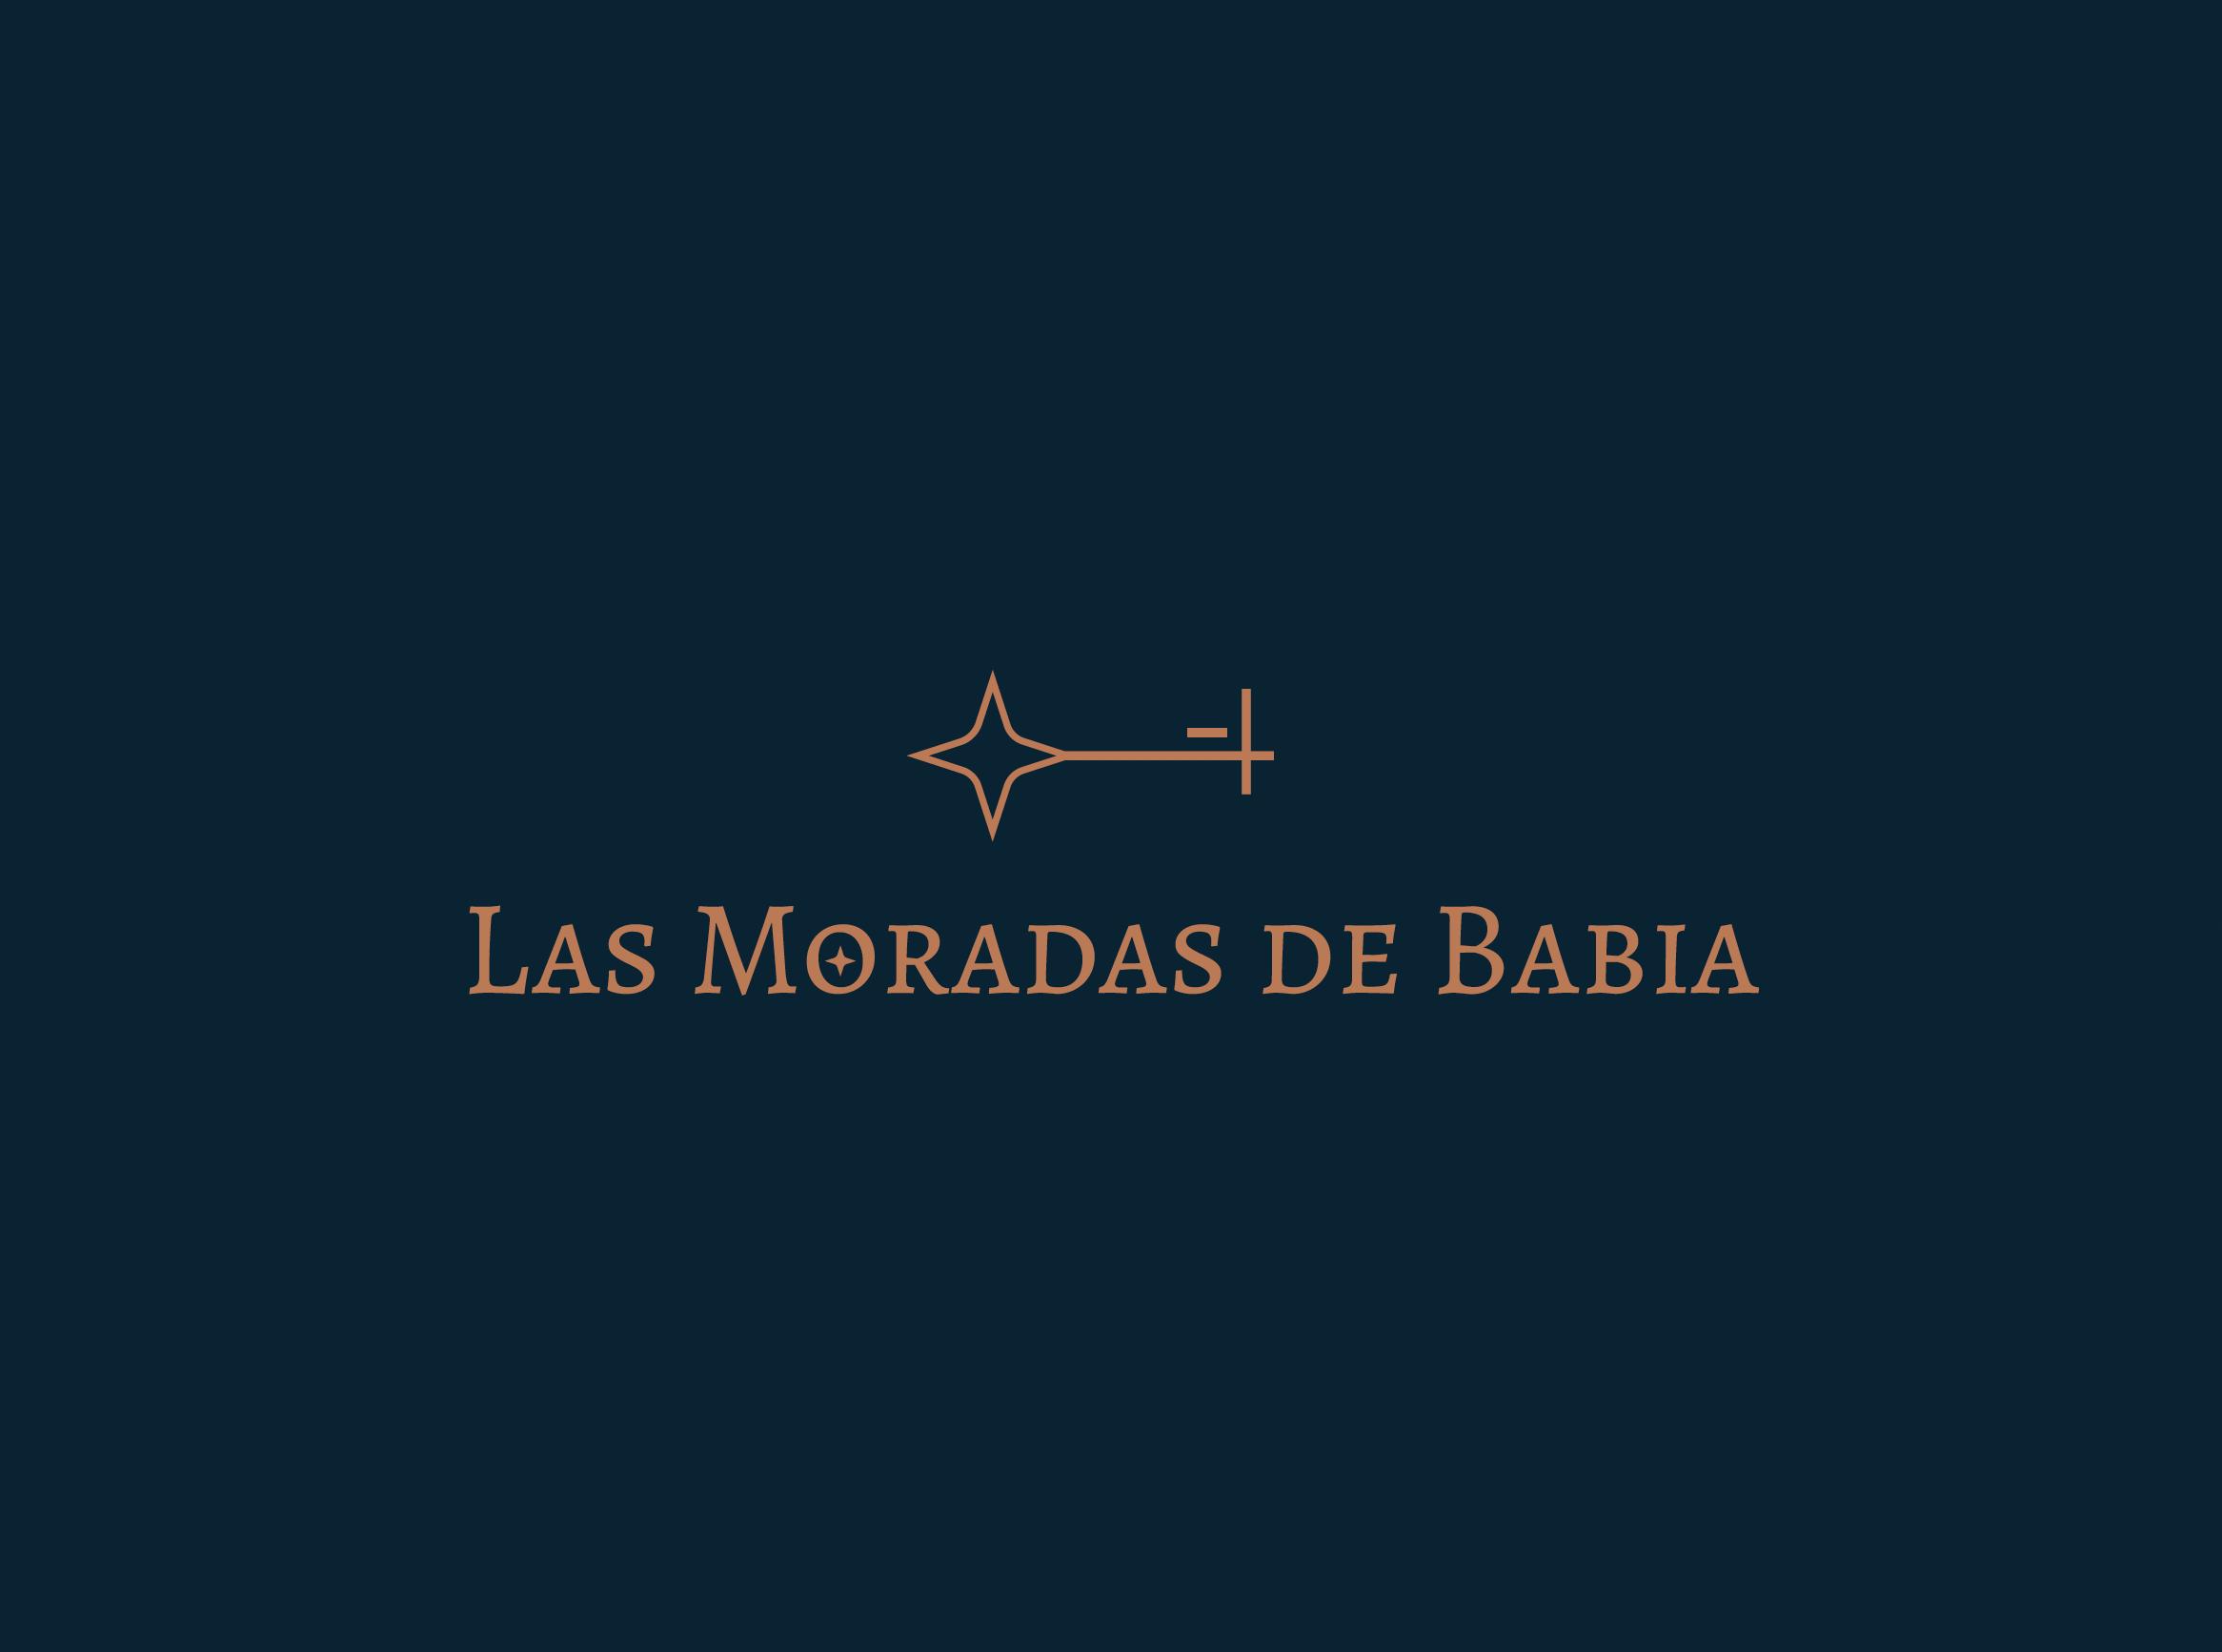 Las Moradas de Babia